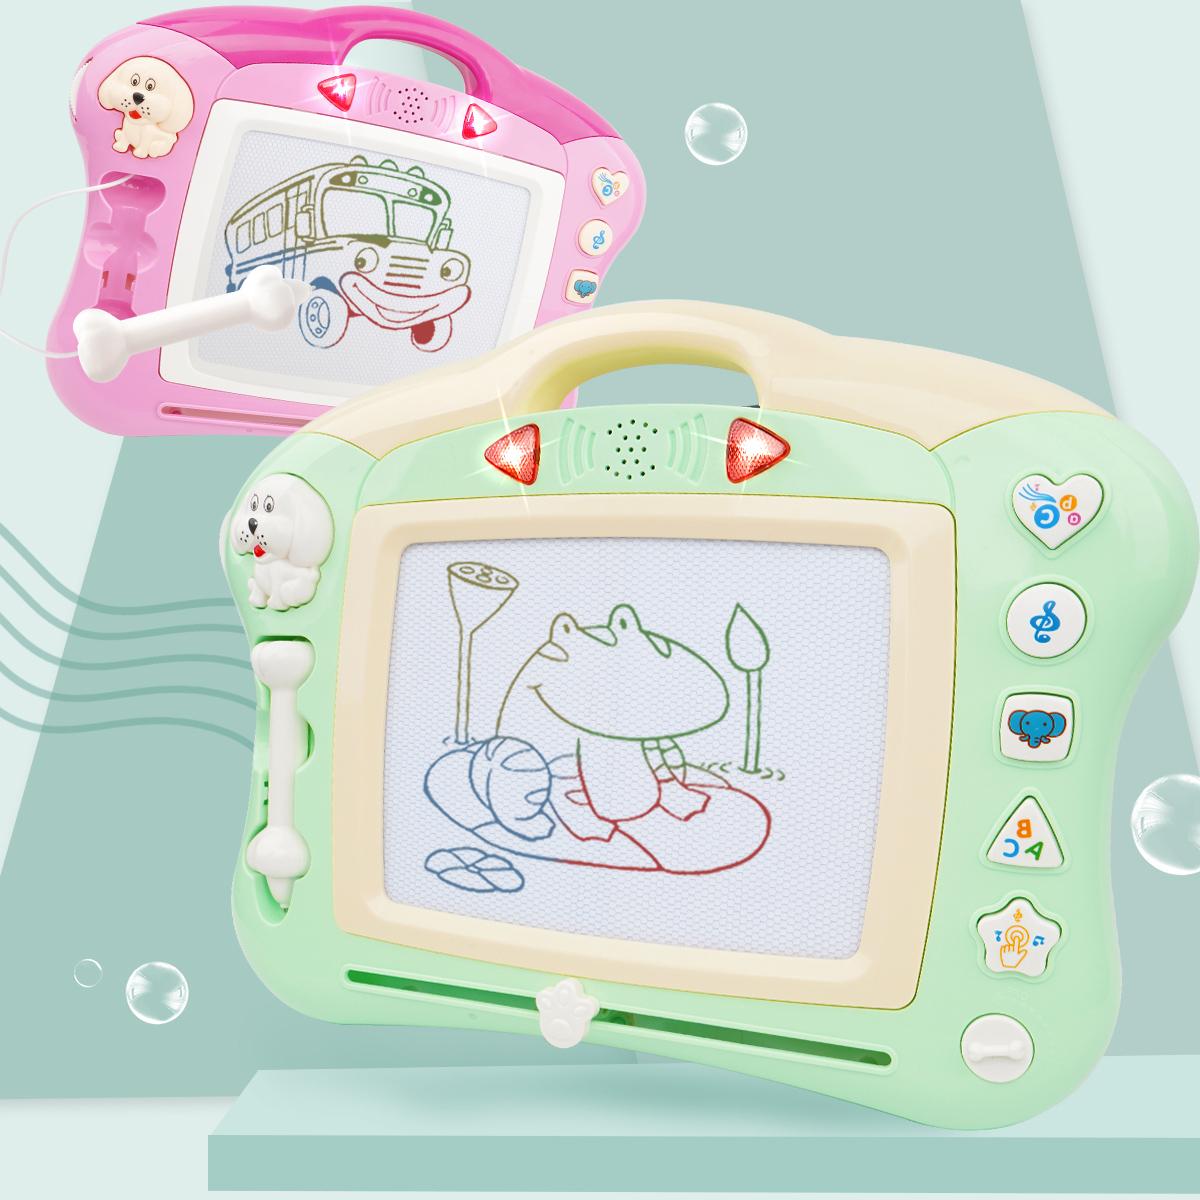 儿童画画板磁性写字板宝宝彩色涂鸦板音乐会故事小玩具1-3岁2幼儿